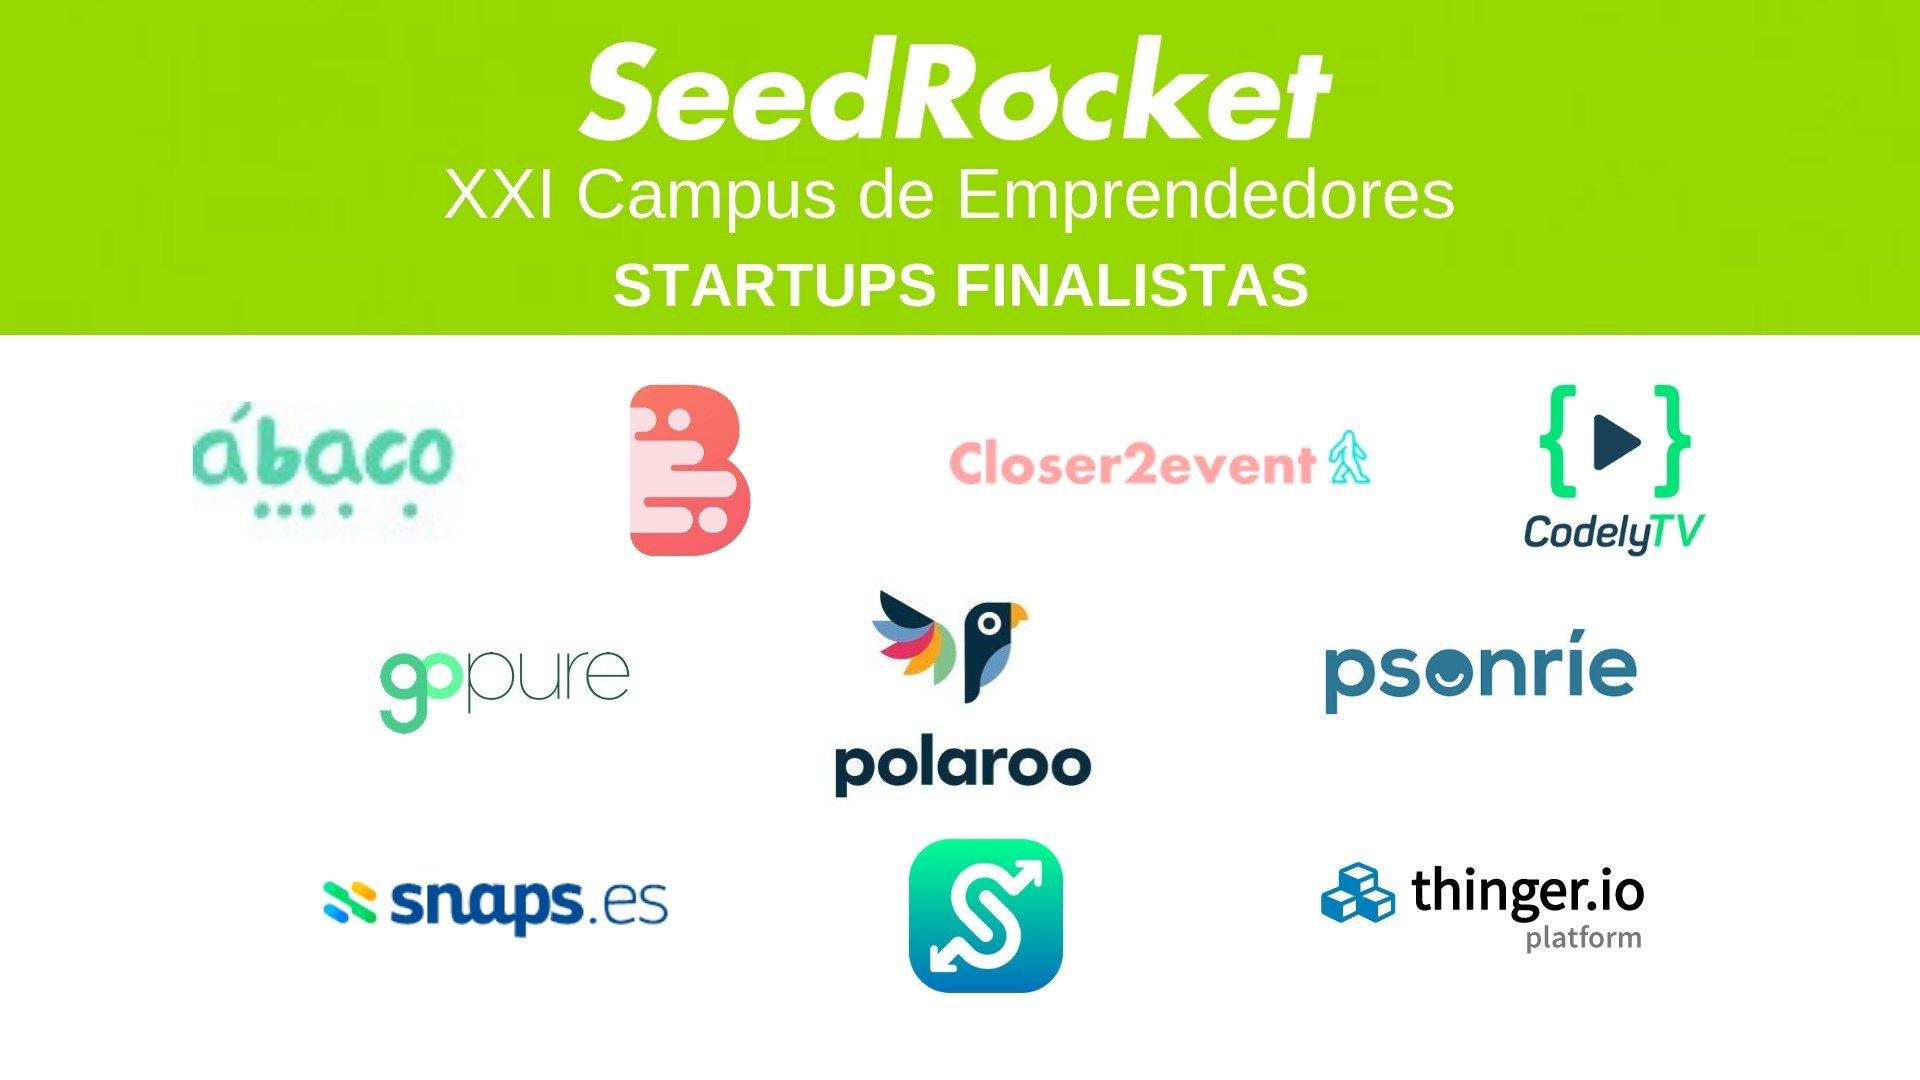 XX Campus de Emprendedores _Finalistas